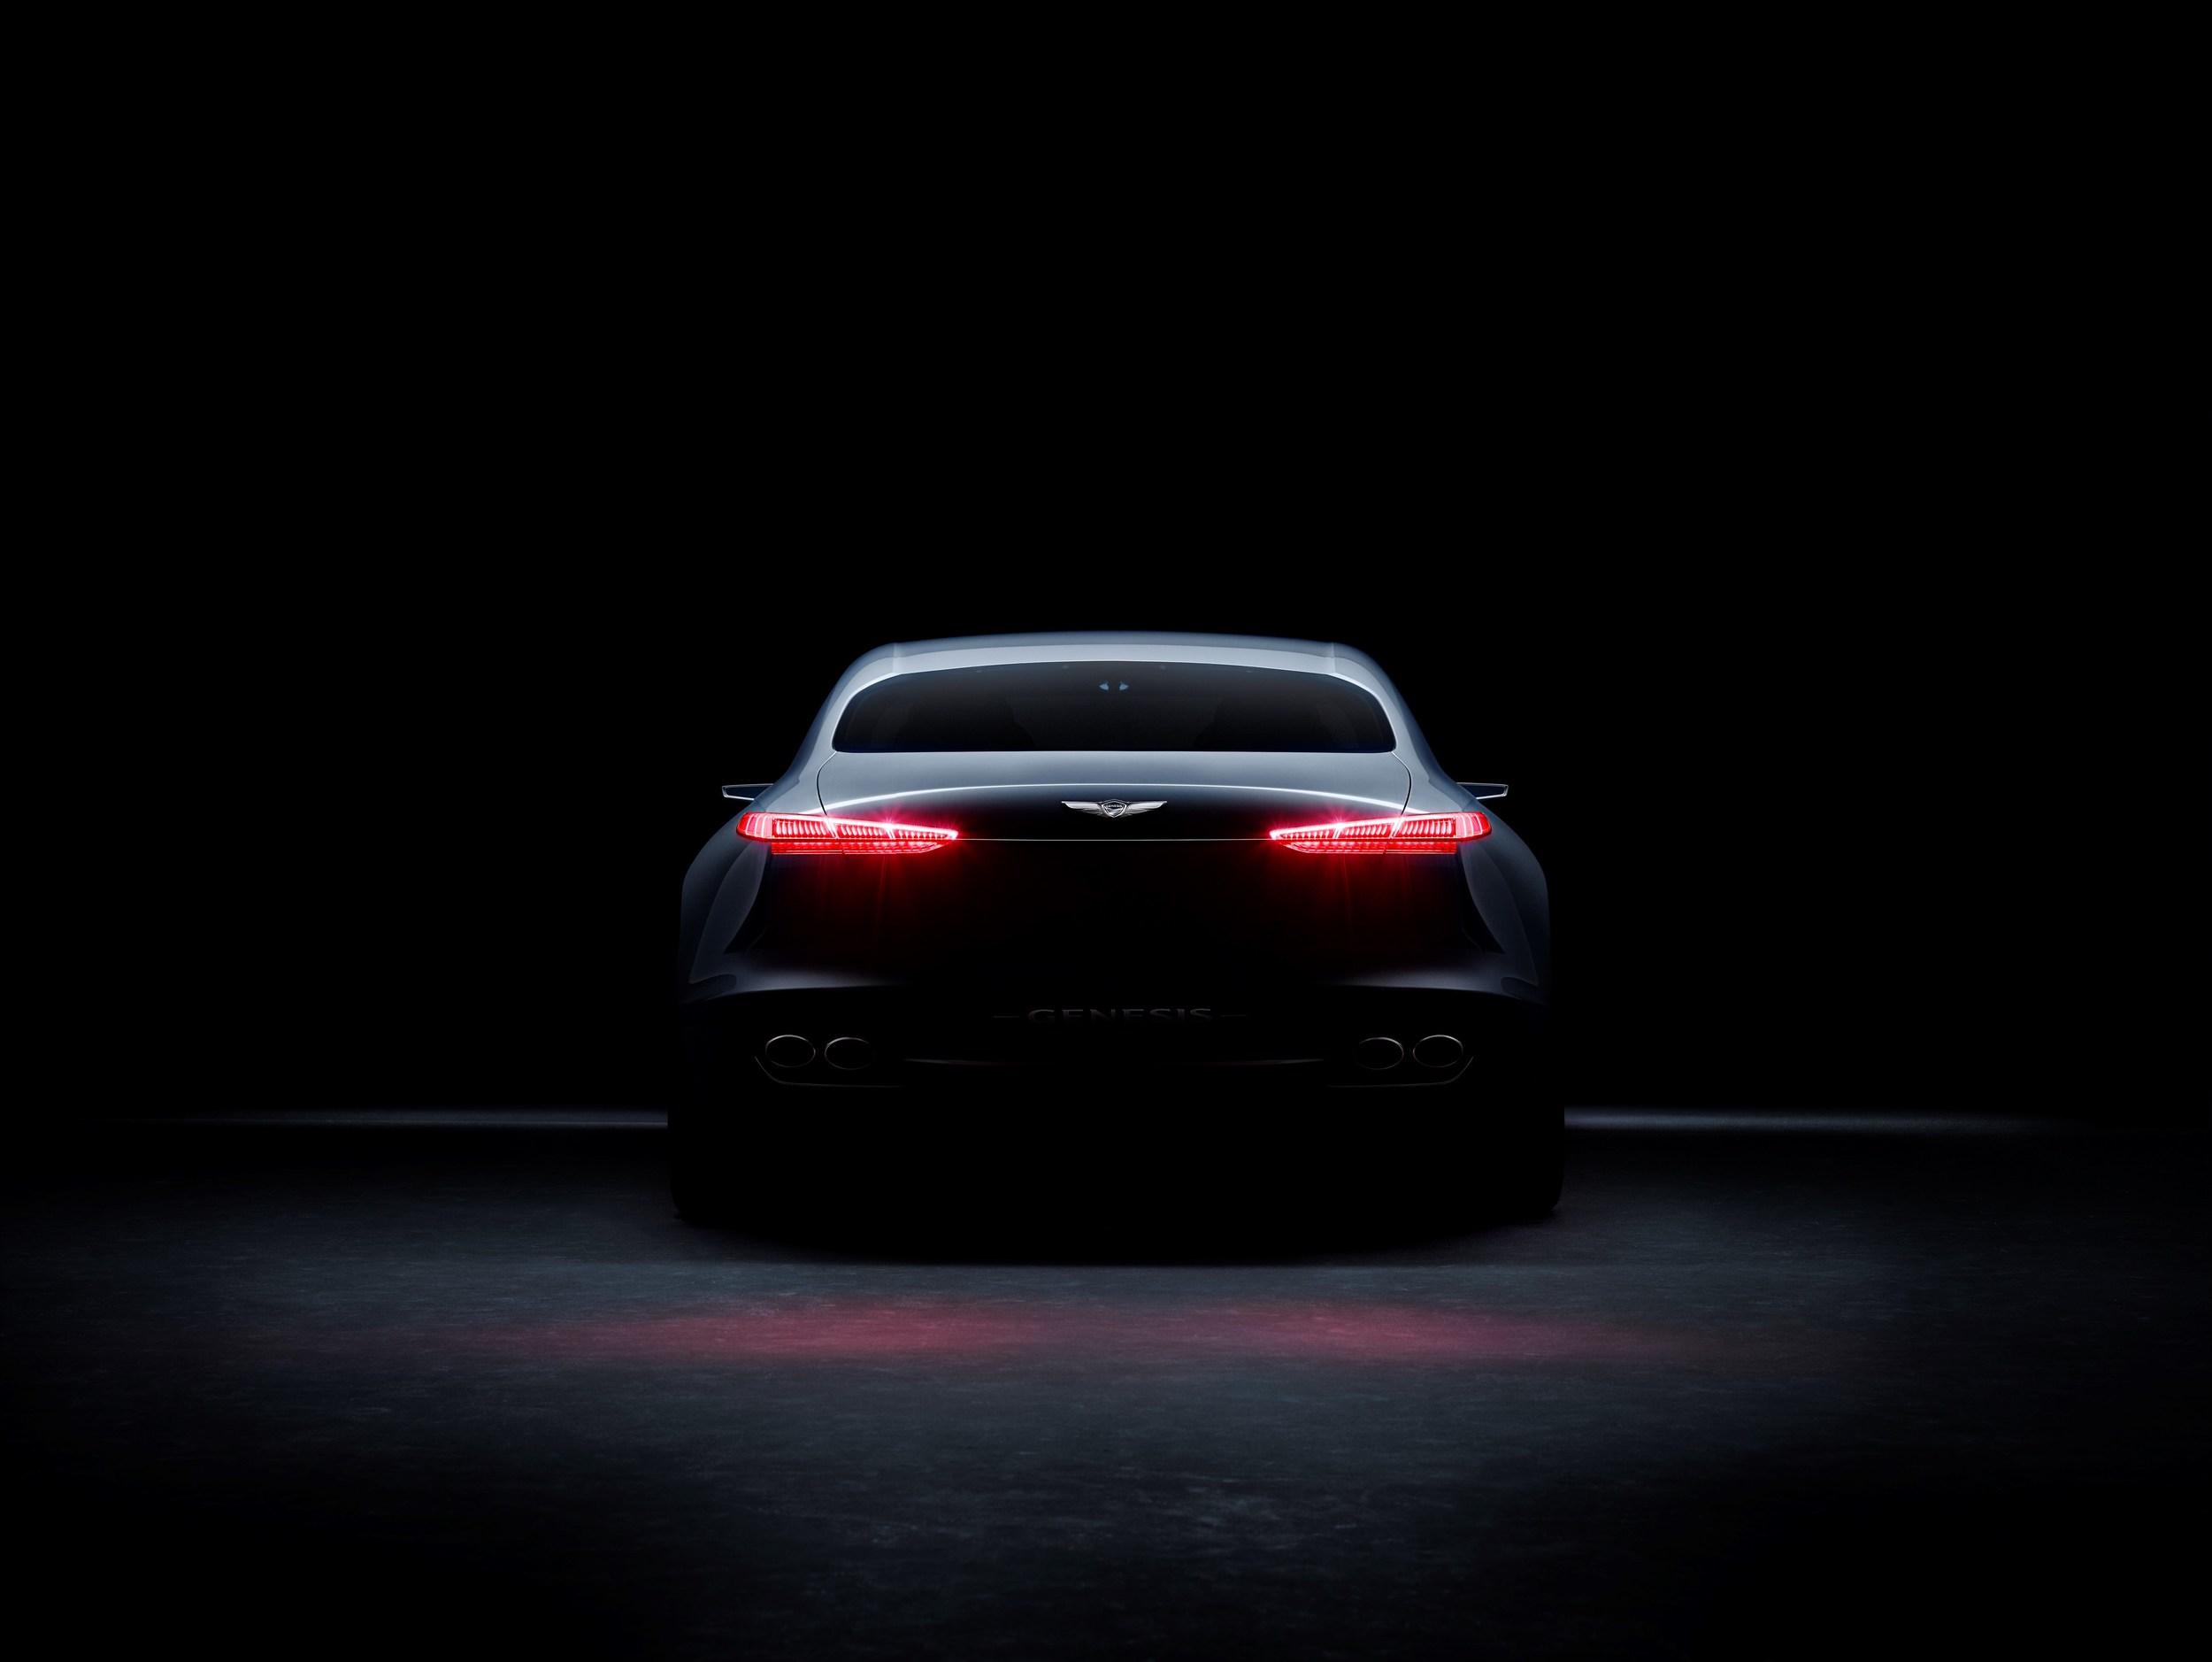 2018 Genesis G70 Sedan Previewed by Genesis New York ...